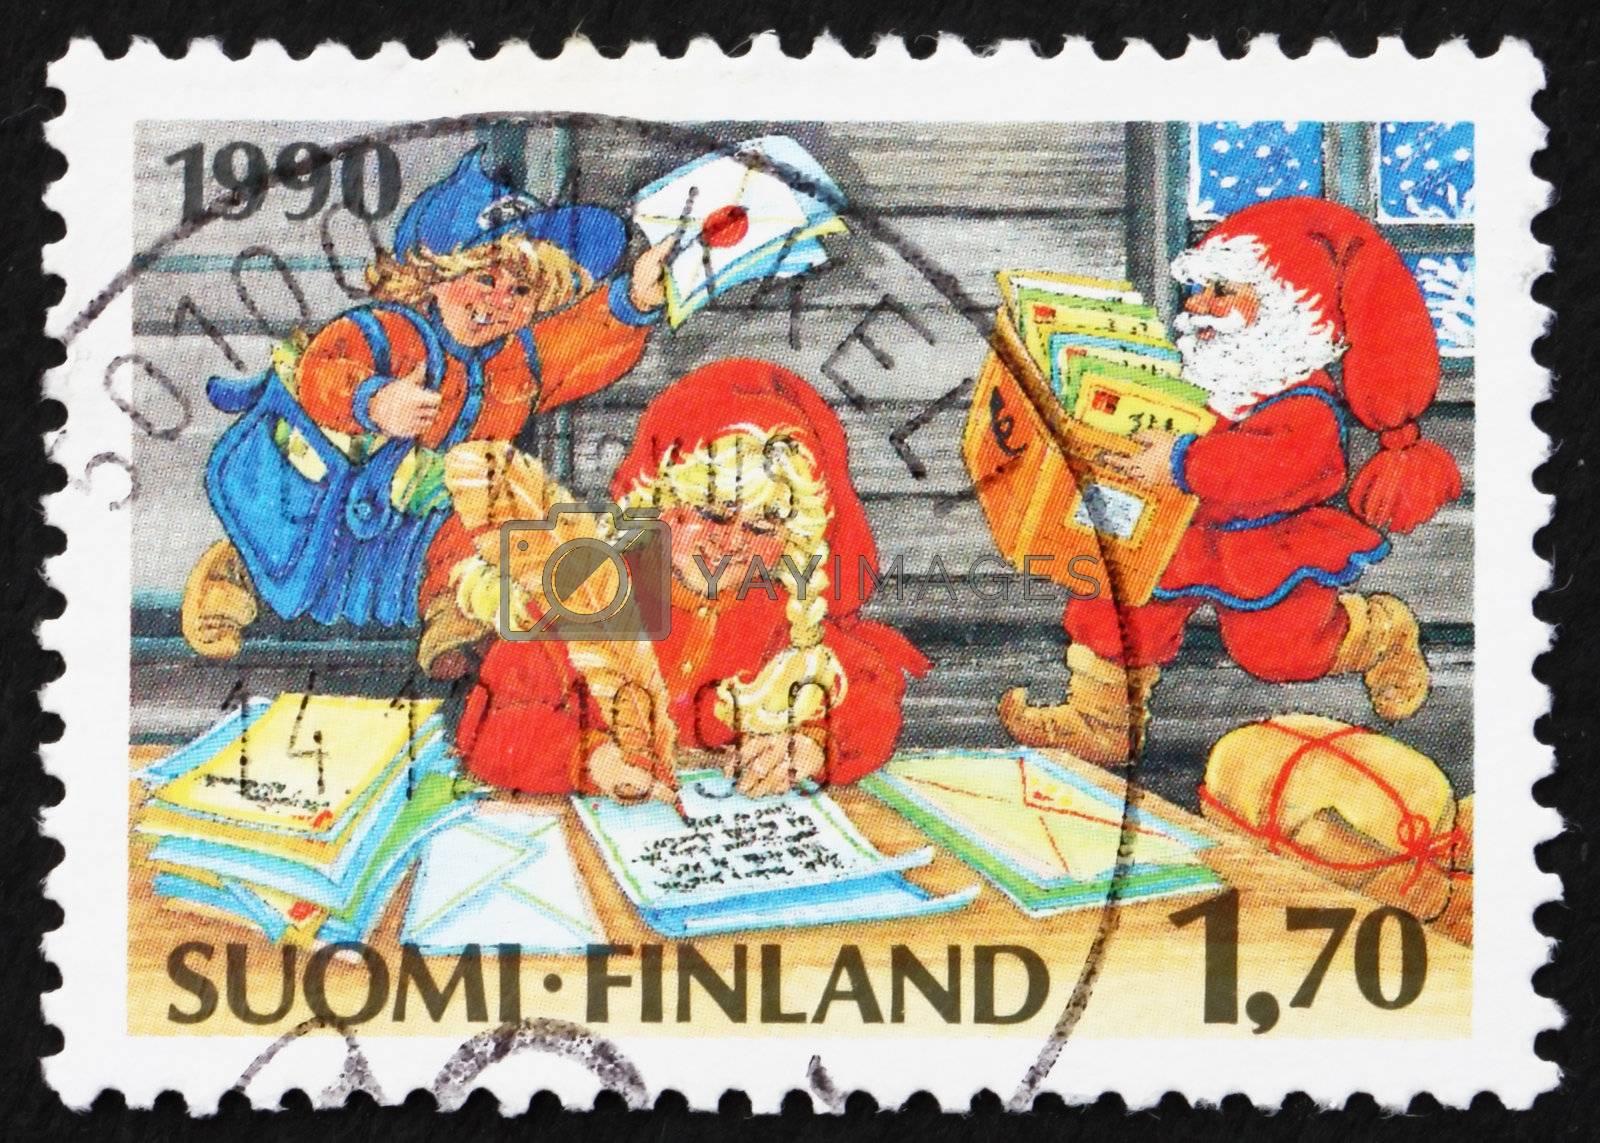 FINLAND - CIRCA 1990: a stamp printed in the Finland shows Santa�s Elves, Christmas, circa 1990